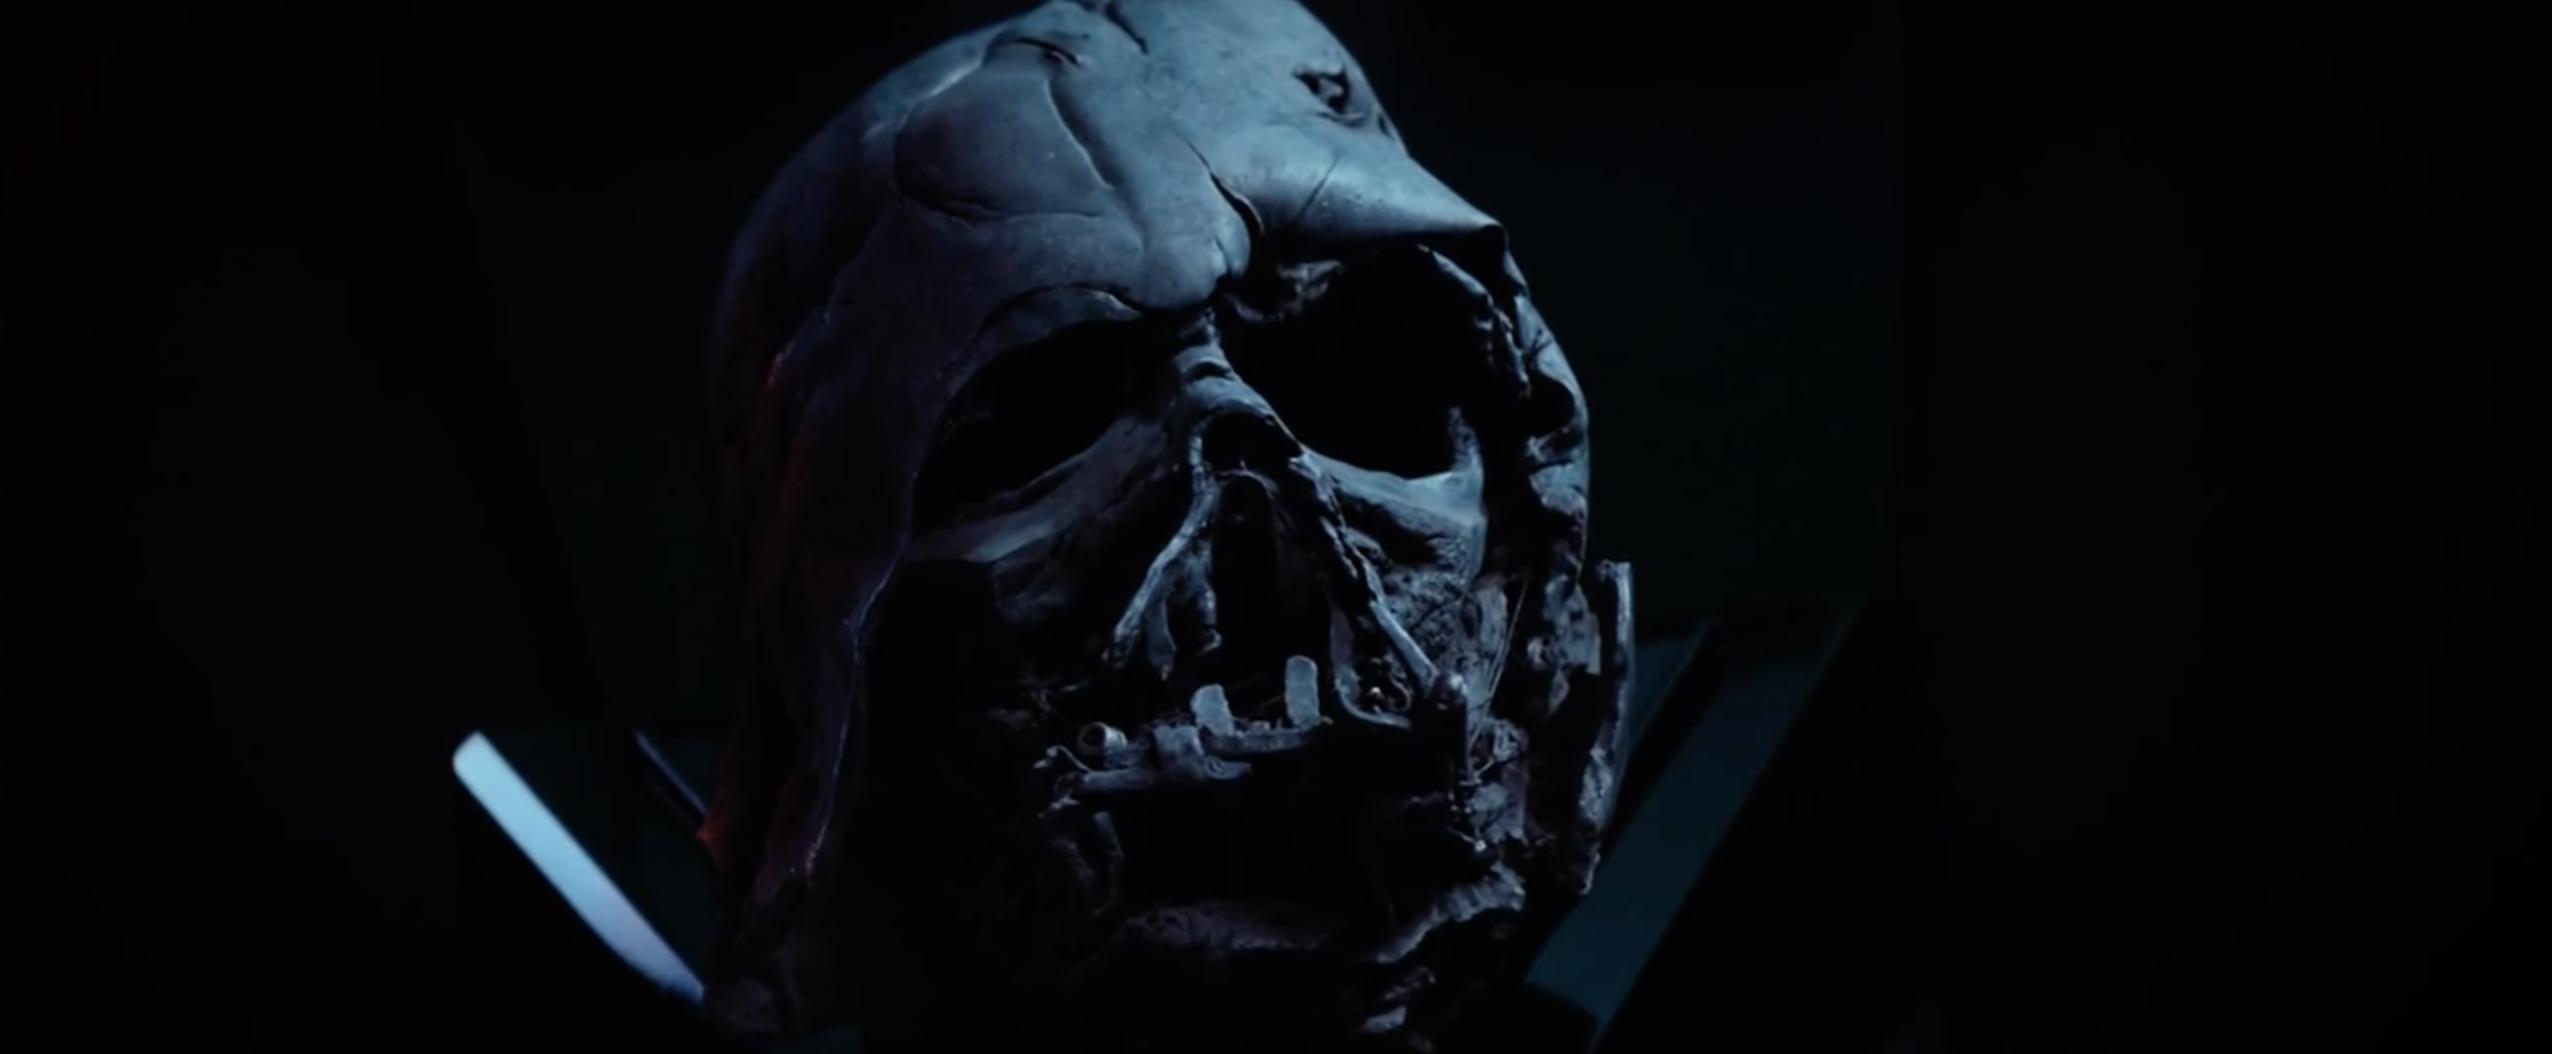 Star Wars: Episodio VII - Il risveglio della Forza: la mascheda di Darth Vader nel secondo teaser